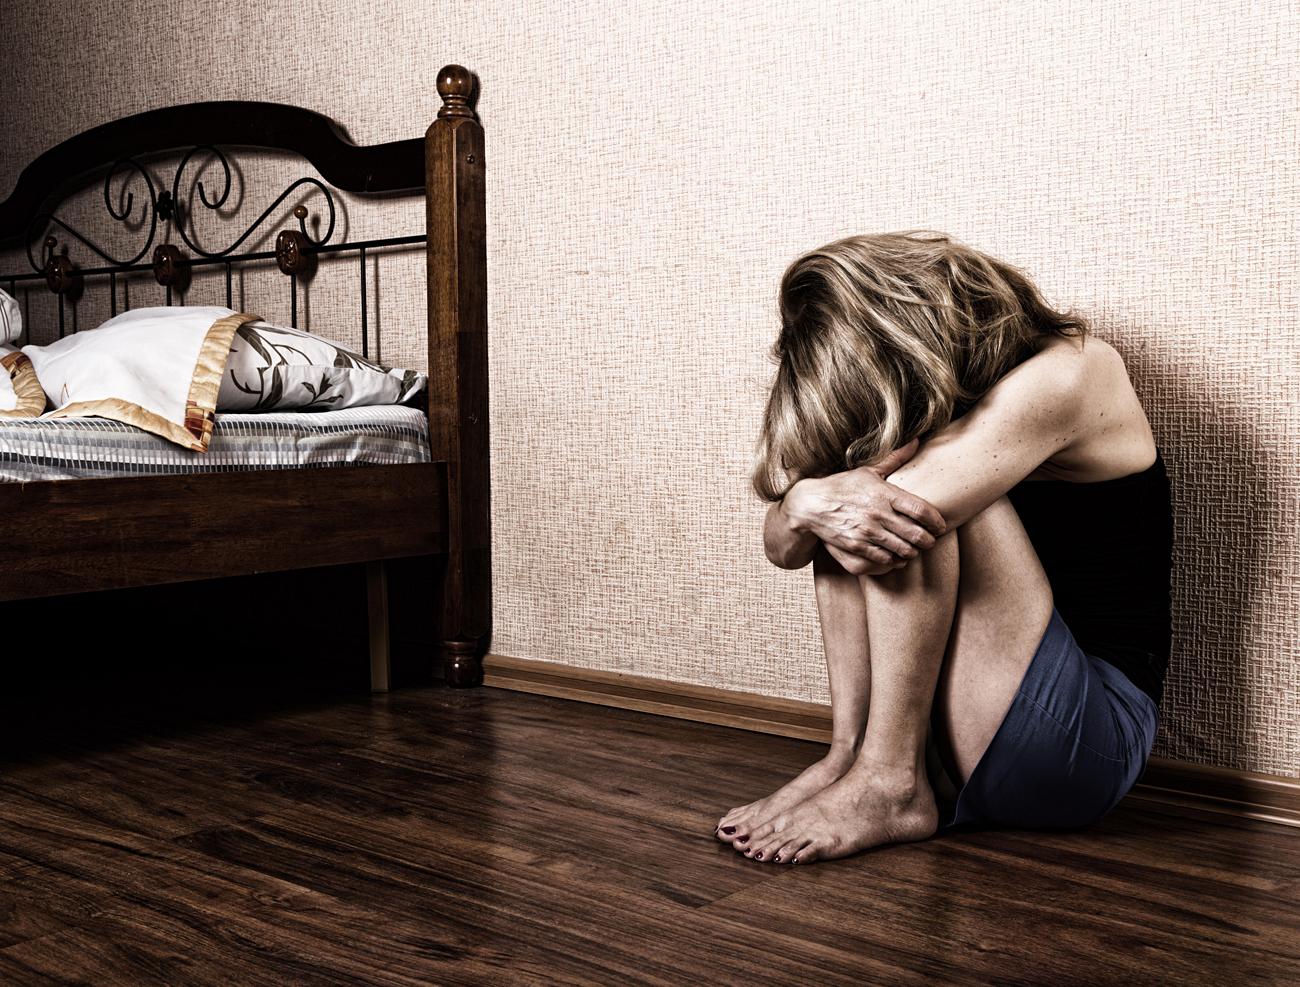 Ogni anno in Russia circa 14.000 donne vengono uccise dai propri mariti o da persone a loro vicine.